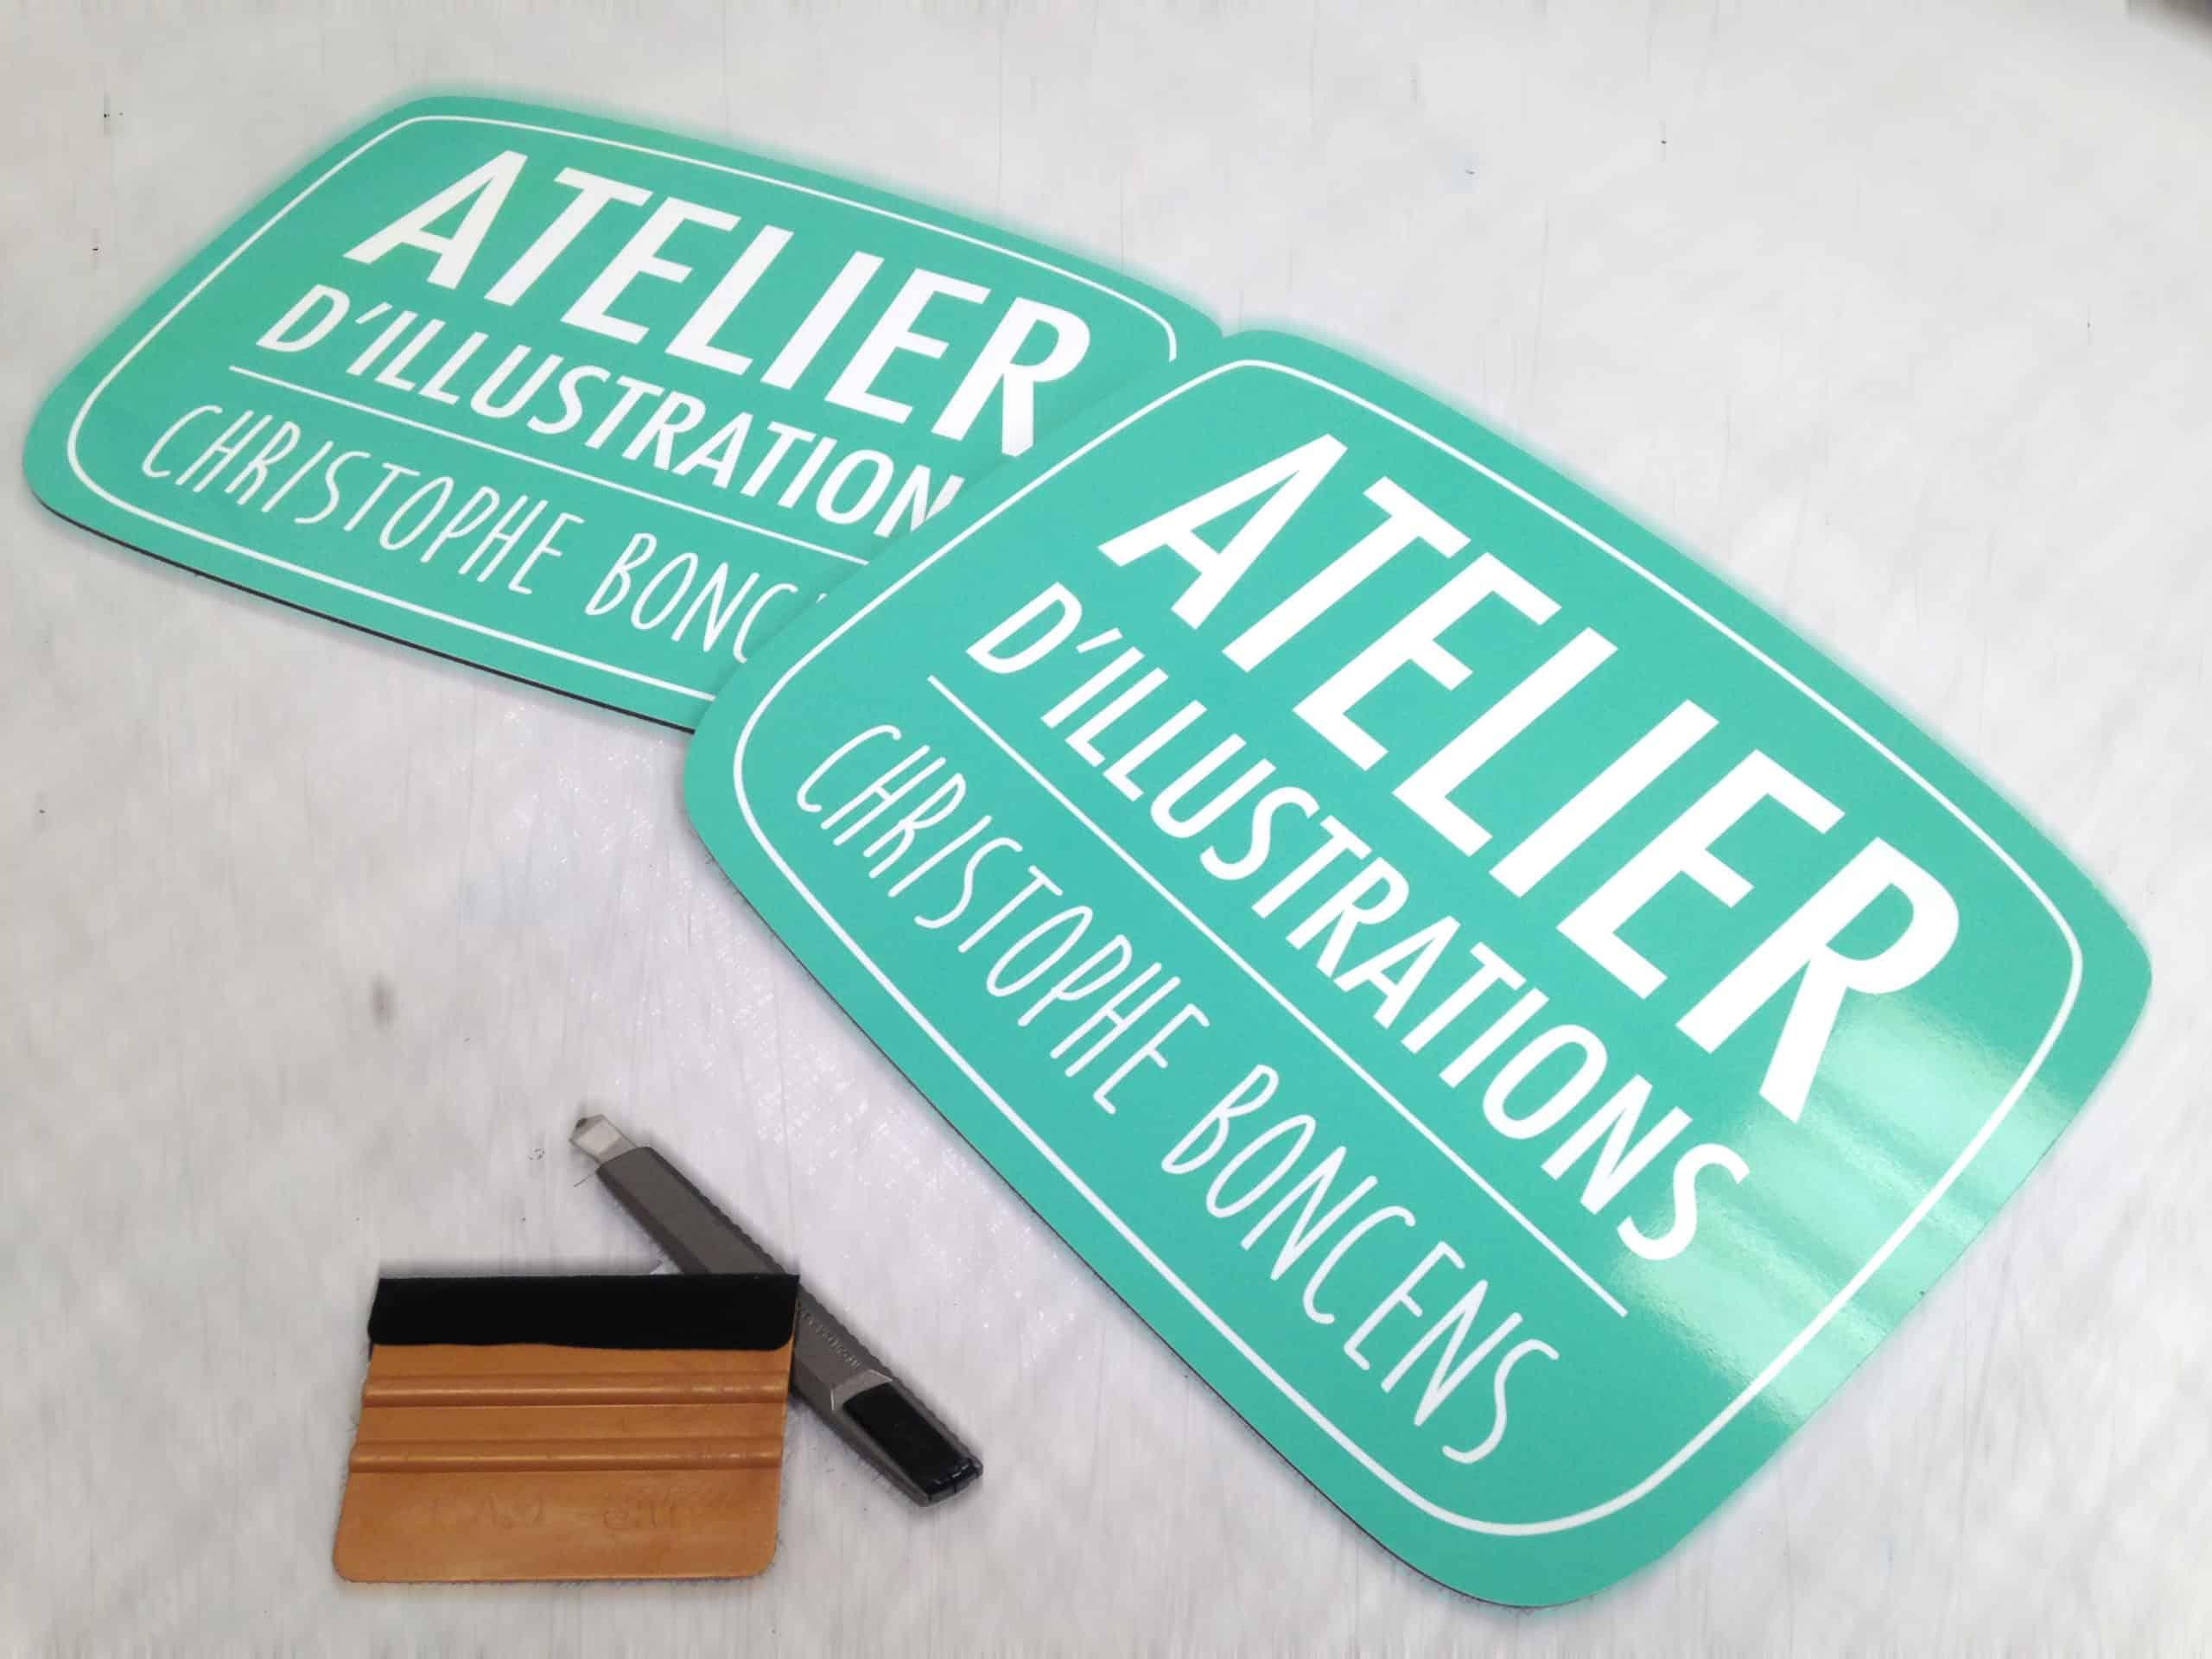 Panneaux - Atelier d'illustrations Christophe Boncens - Pont Aven